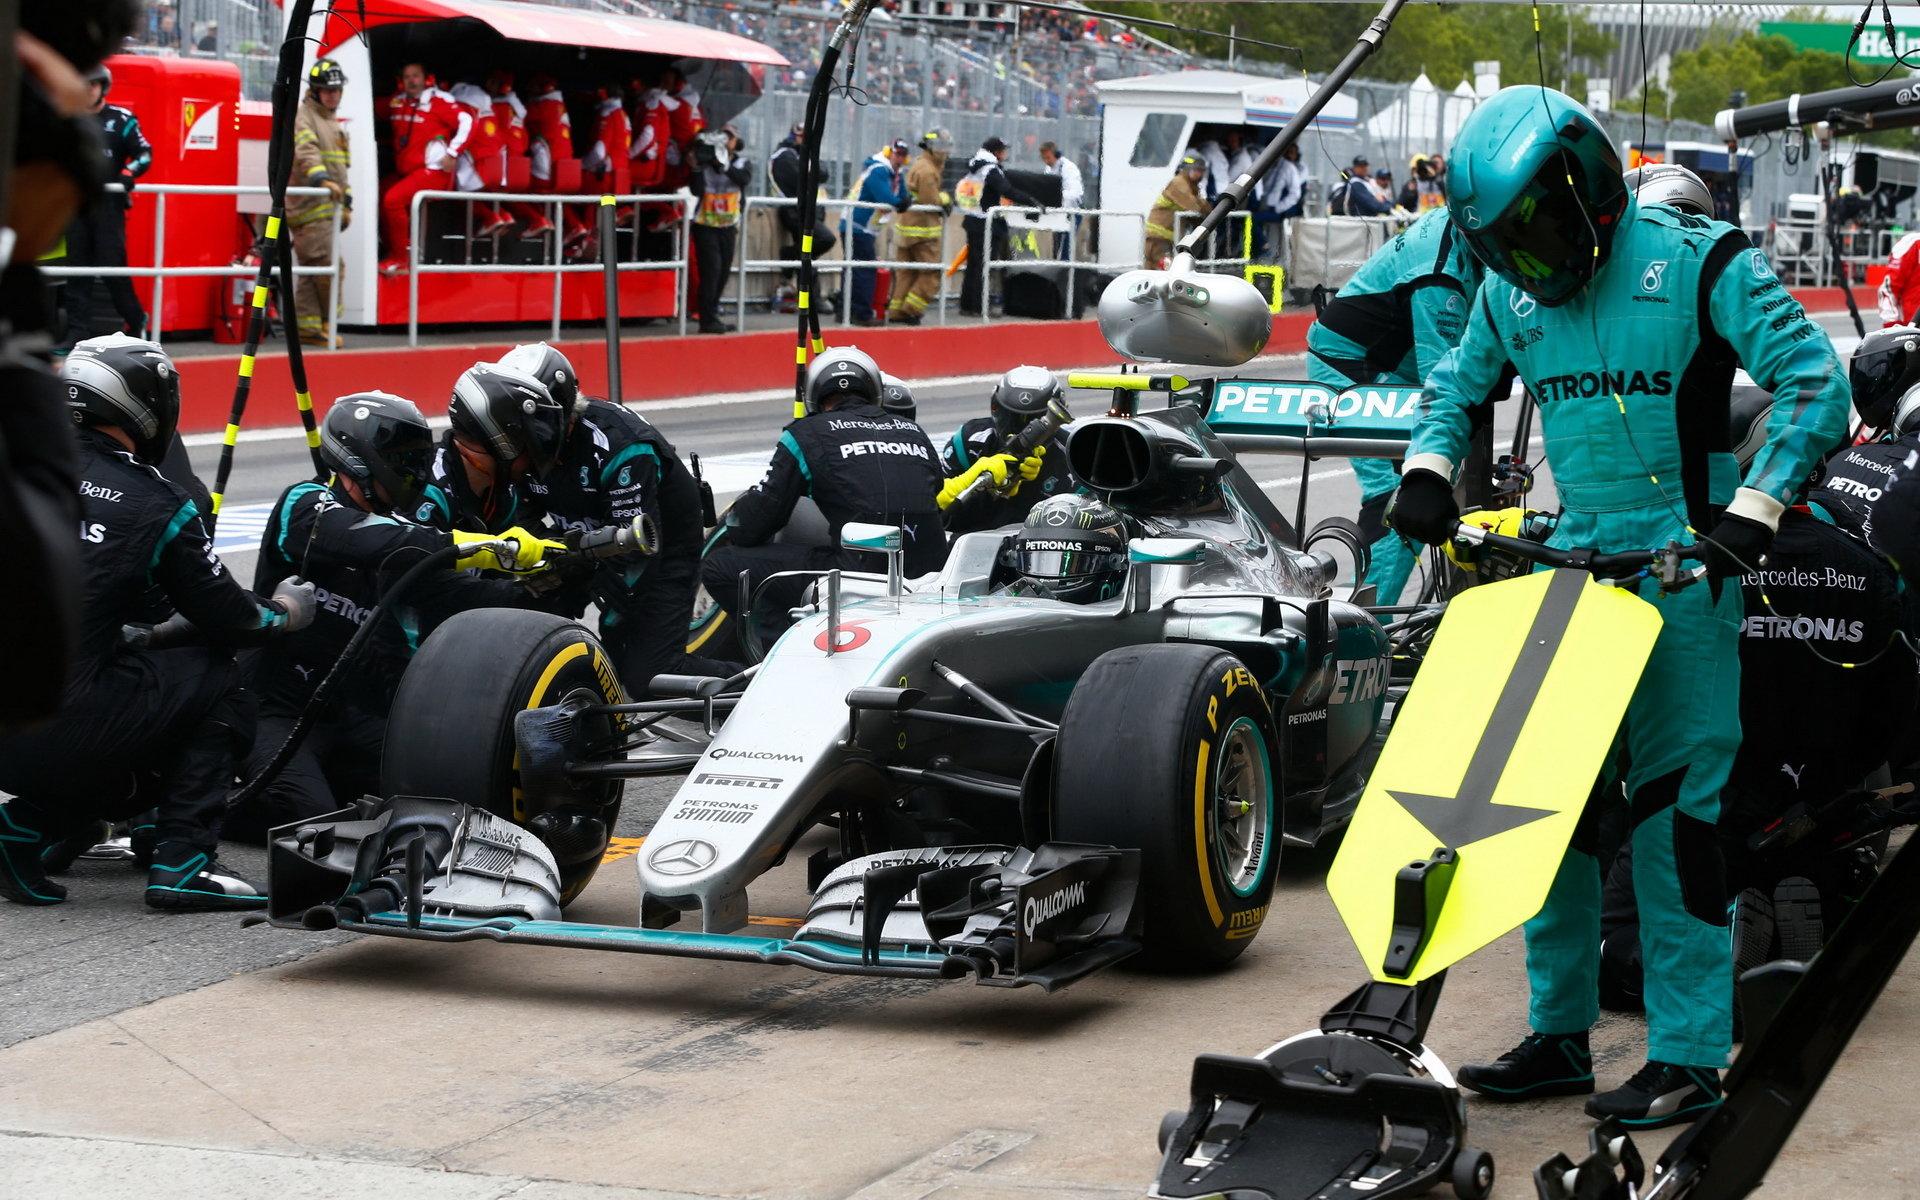 ZASTÁVKY V BOXECH A STRATEGIE: Mercedes jen o setinu rychlejší než Williams - anotační obrázek